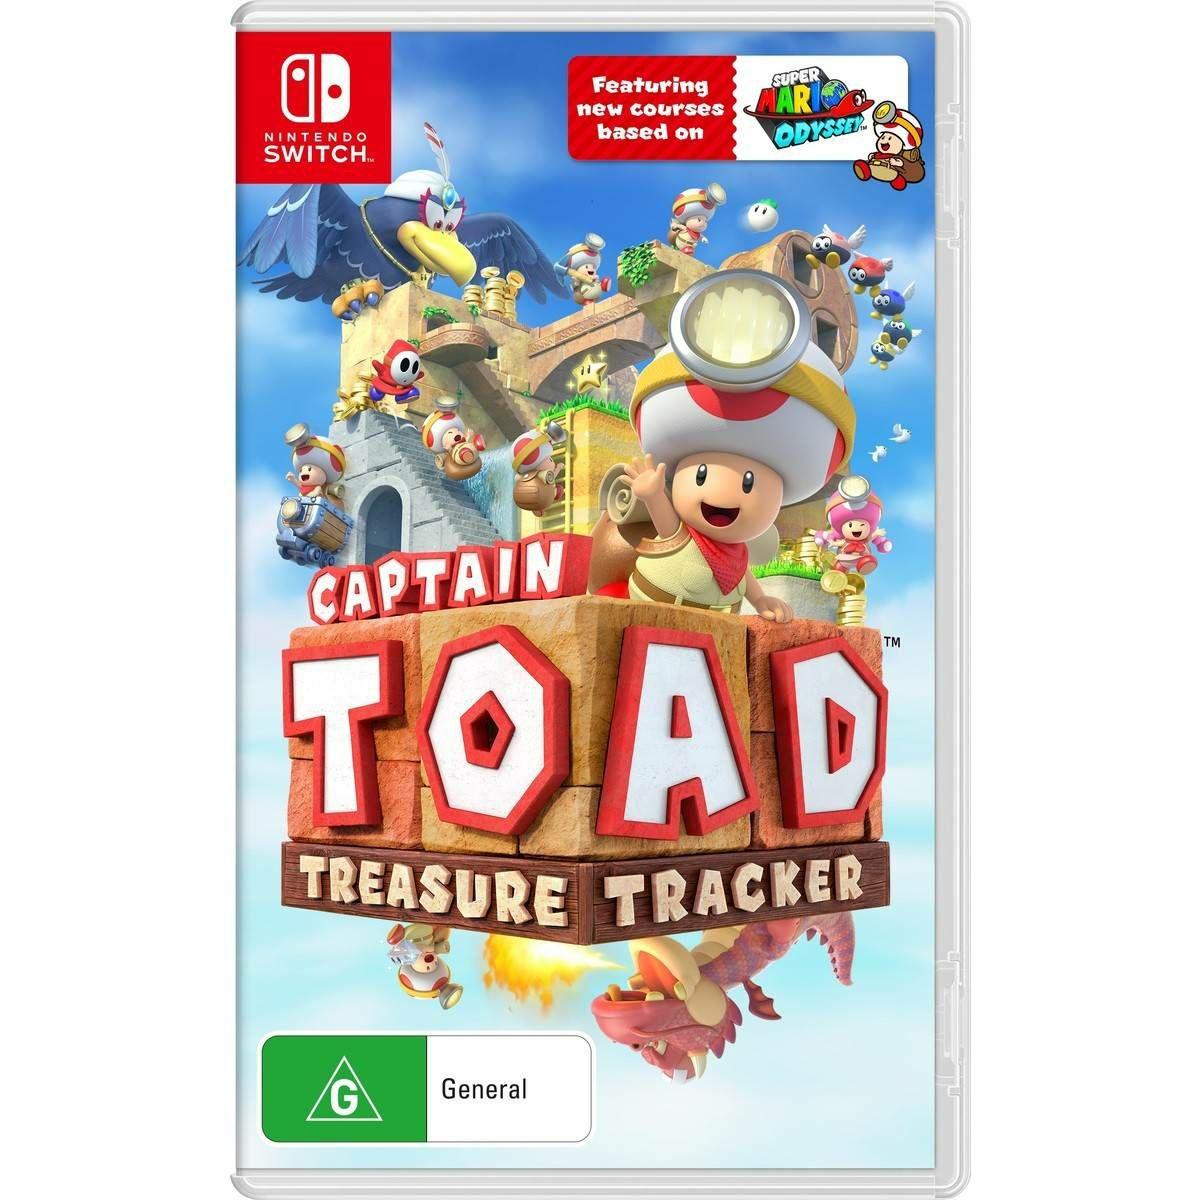 Eshop argentina: Captain Toad: Treasure Tracker